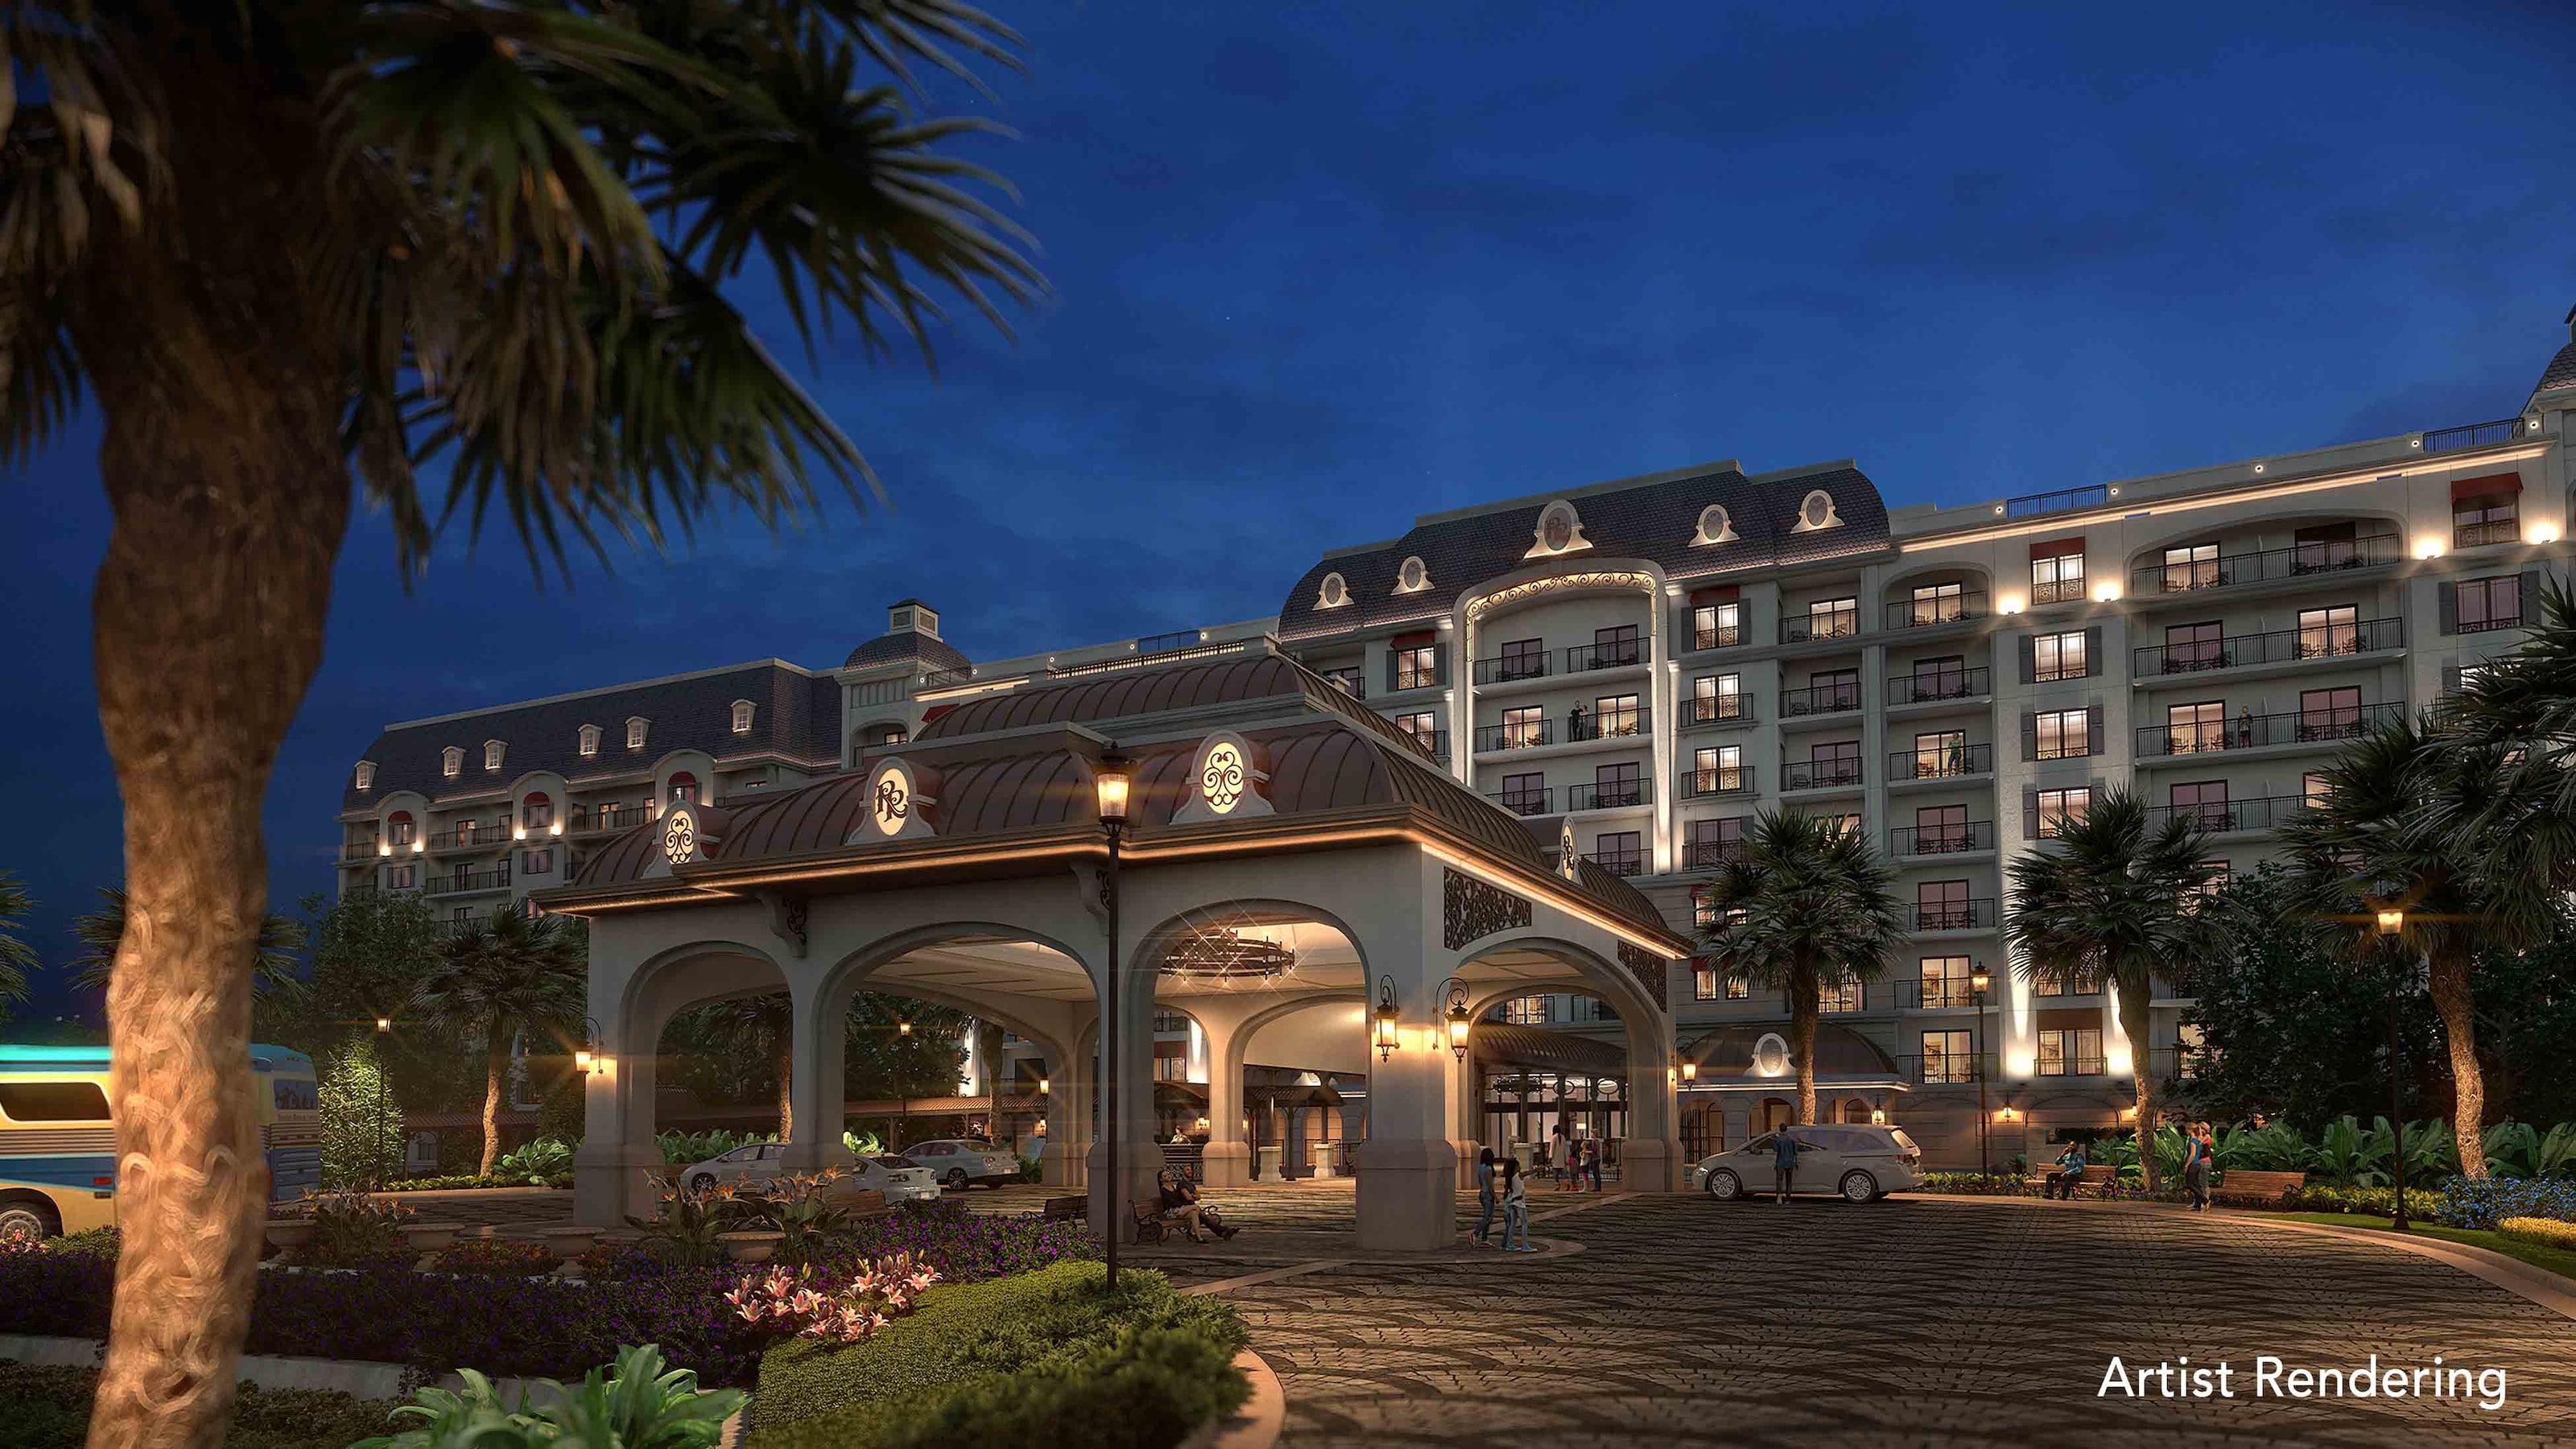 夜にライトアップされたディズニー・リビエラ・リゾートの入り口と車寄せ